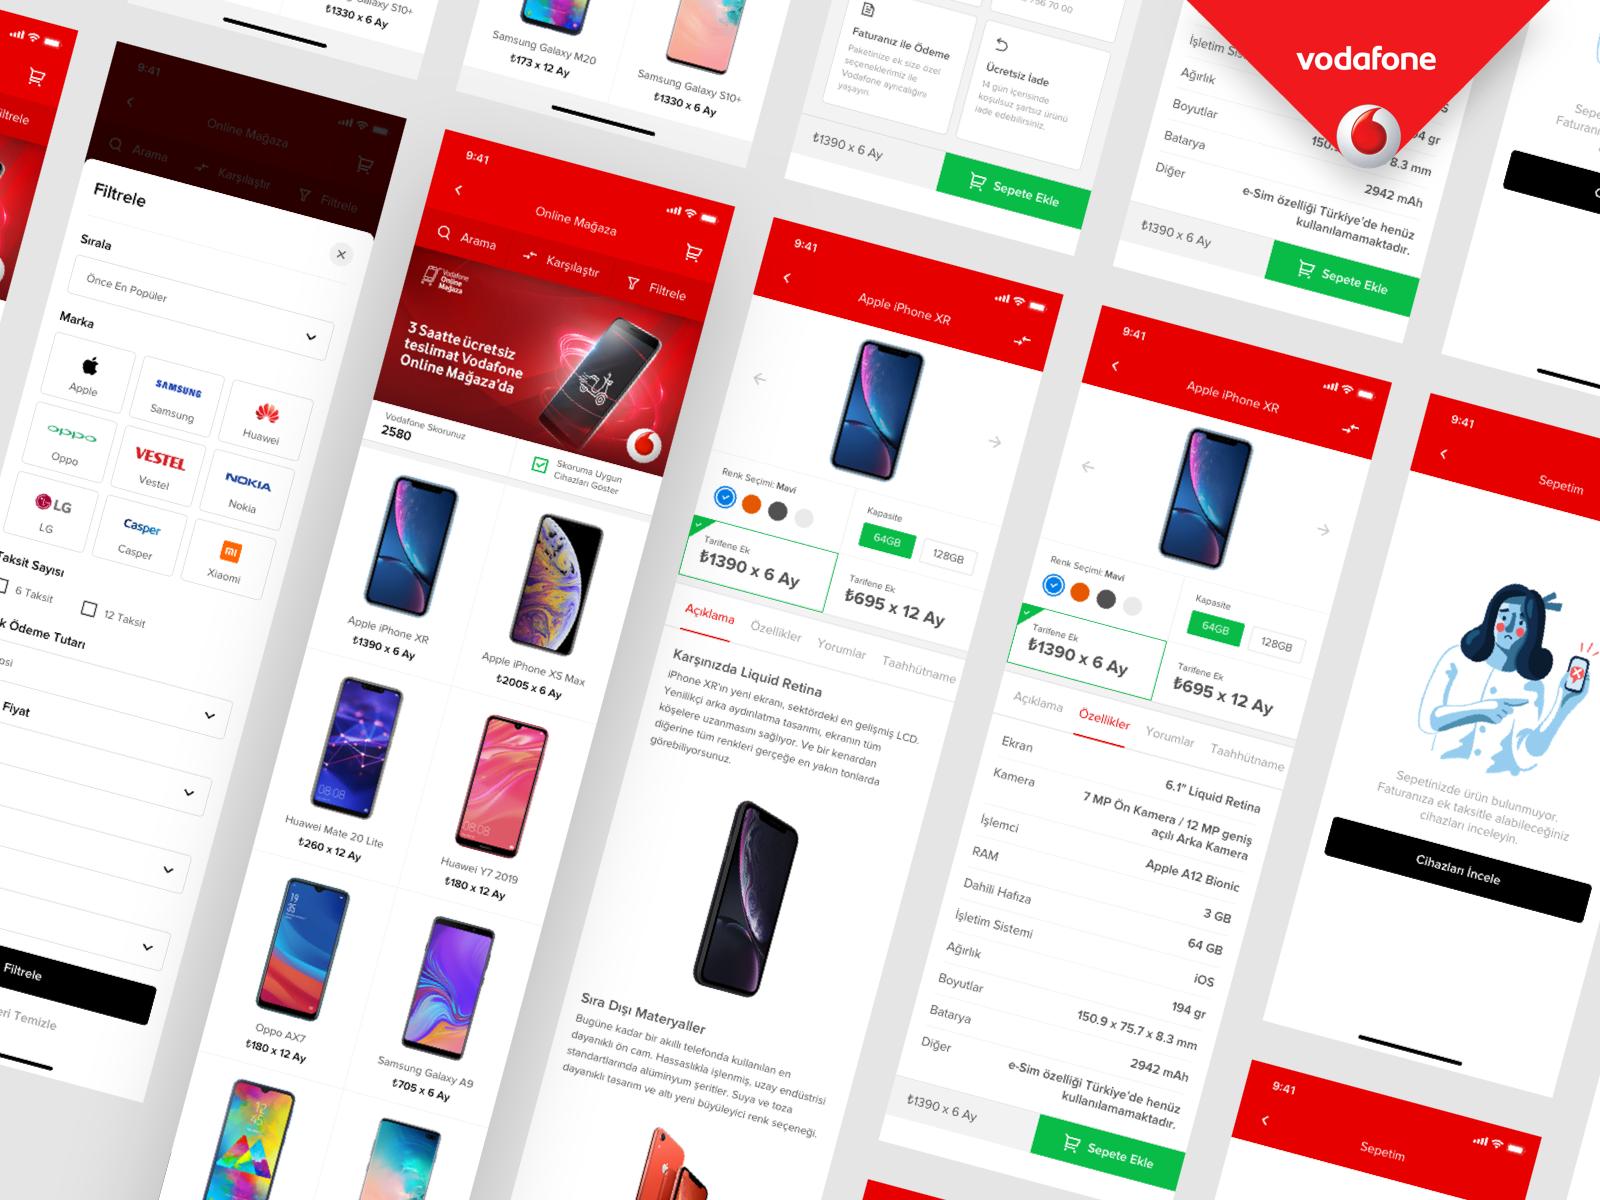 Vodafone designathon